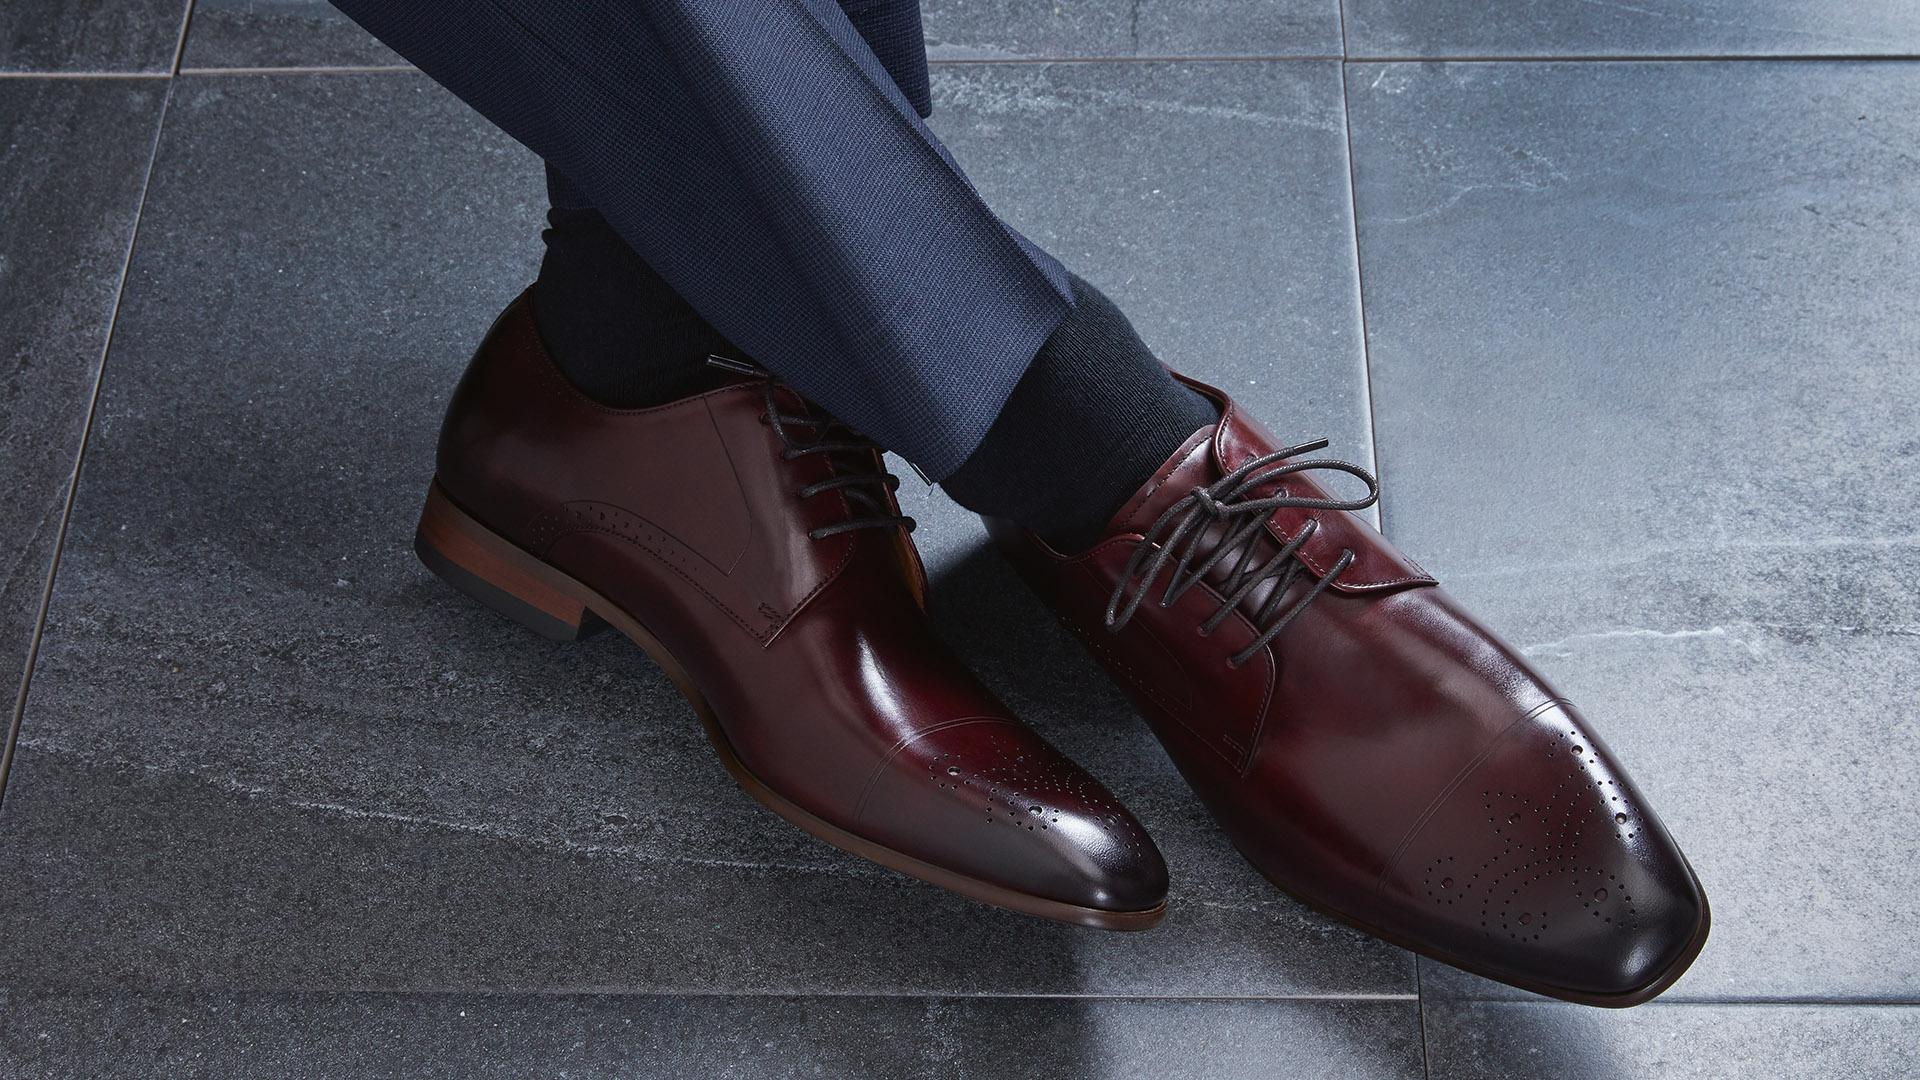 47a1dd5f4168 Florsheim Shoes Shop The Online Shoe Store Of Men S Shoes Men S